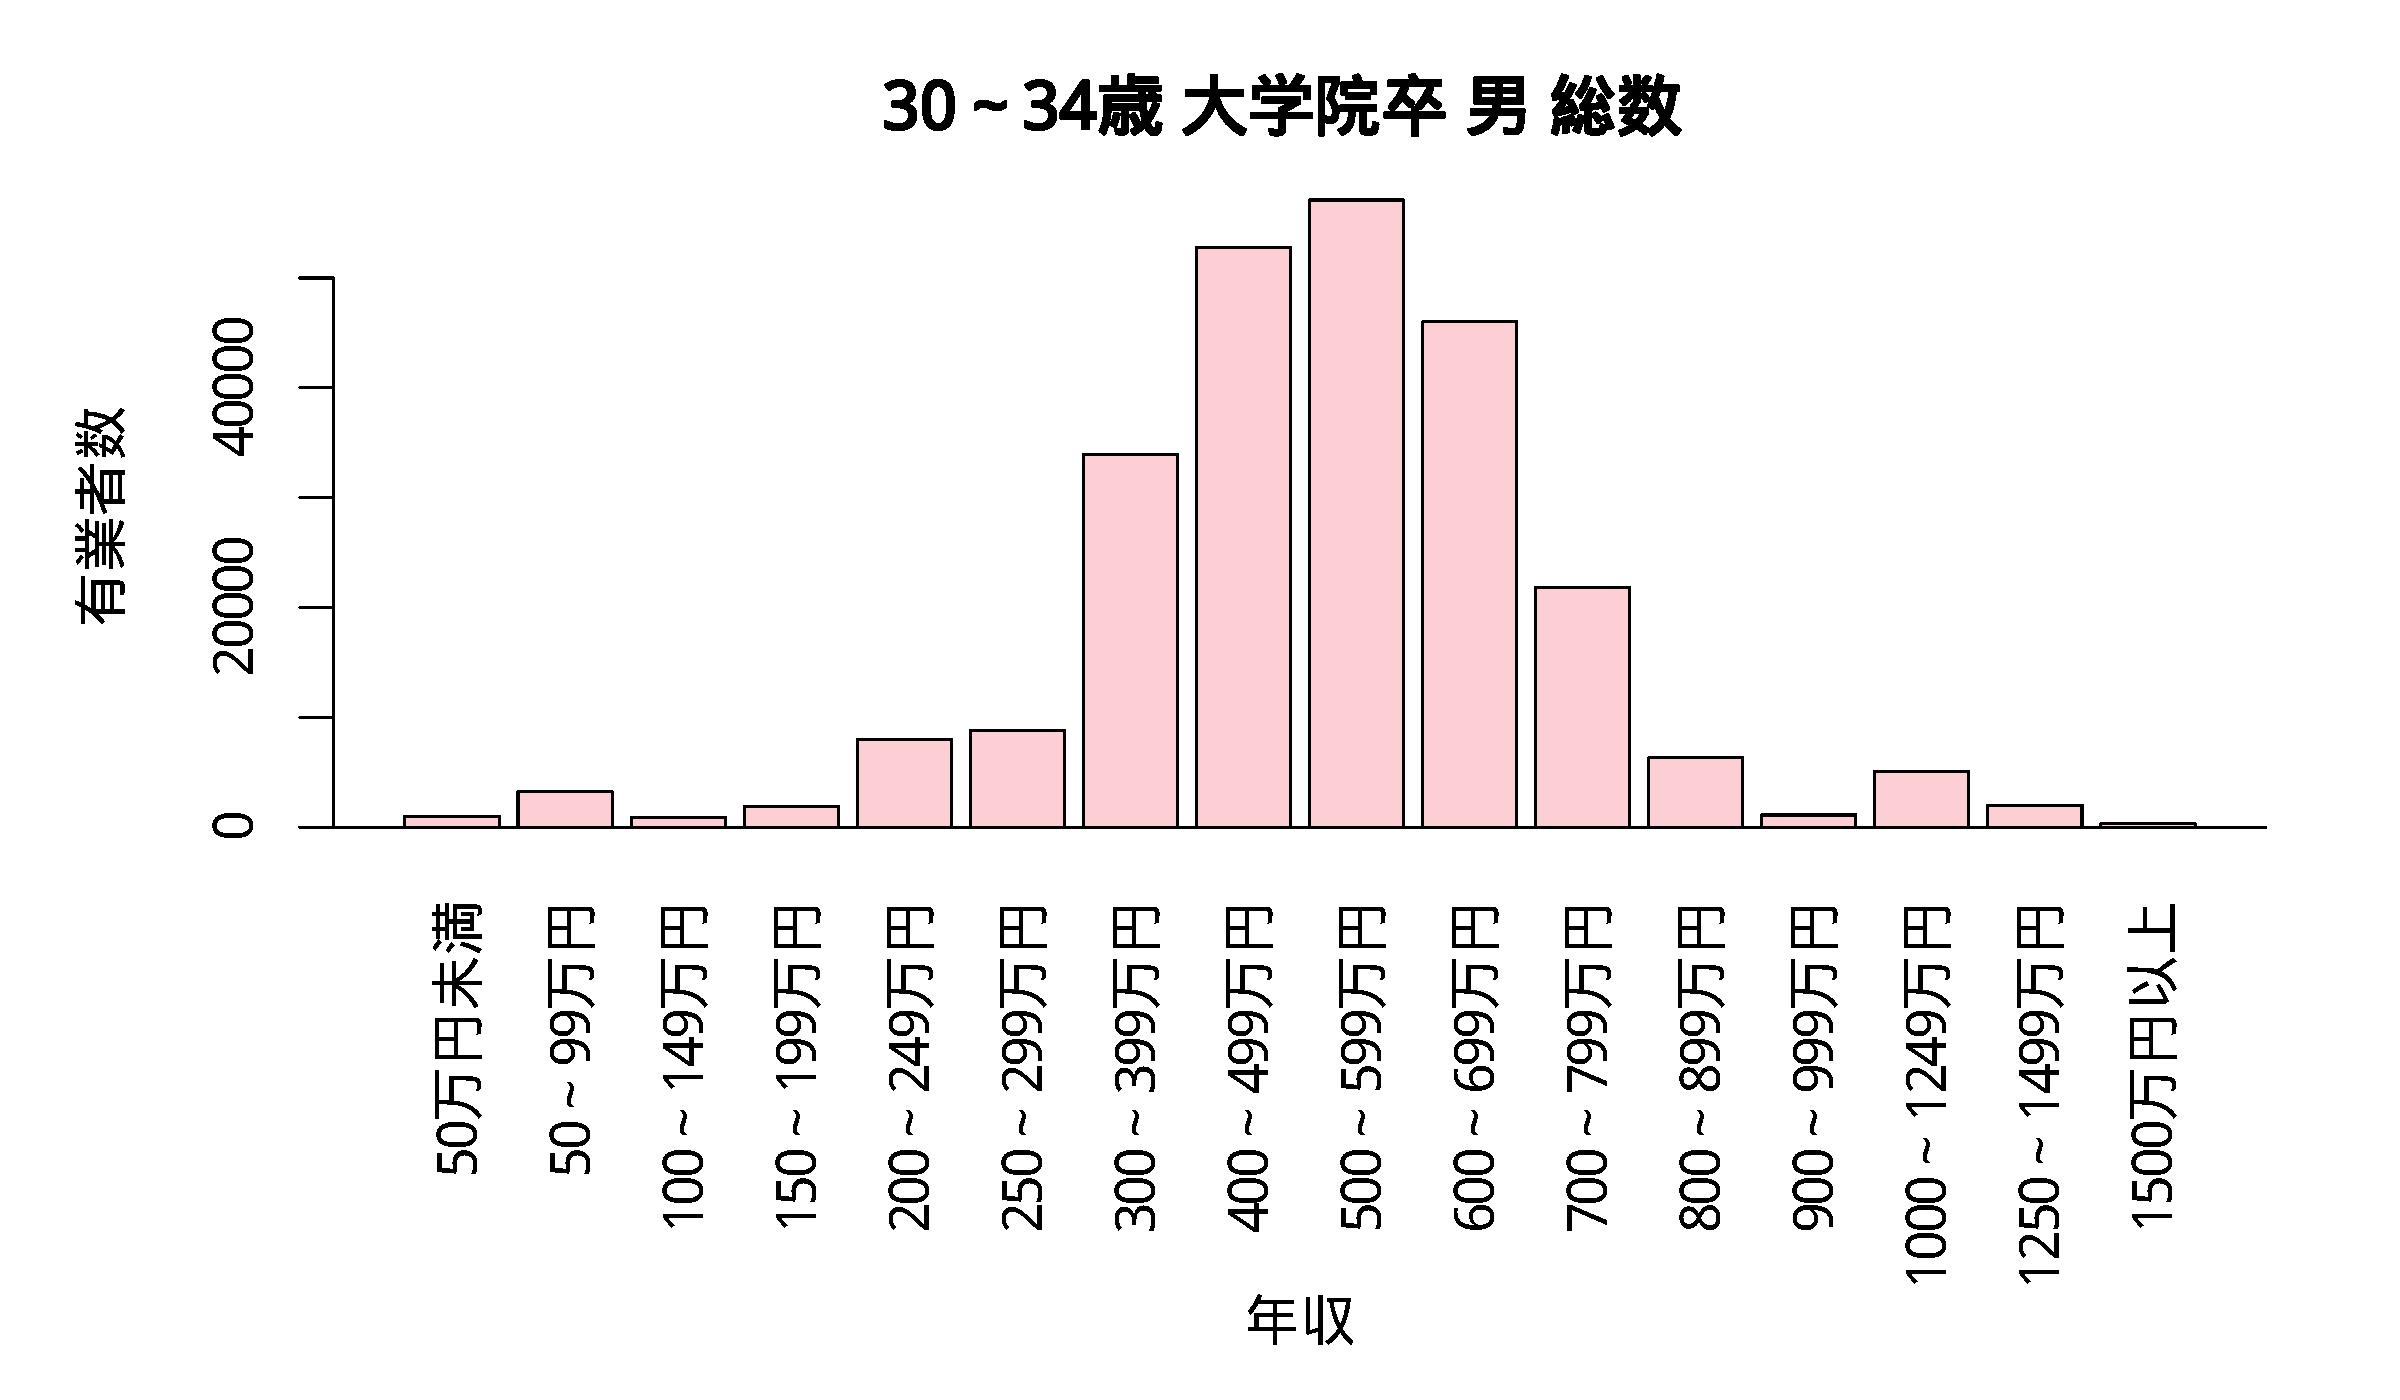 年収分布 30~34歳 大学院卒 男 総数